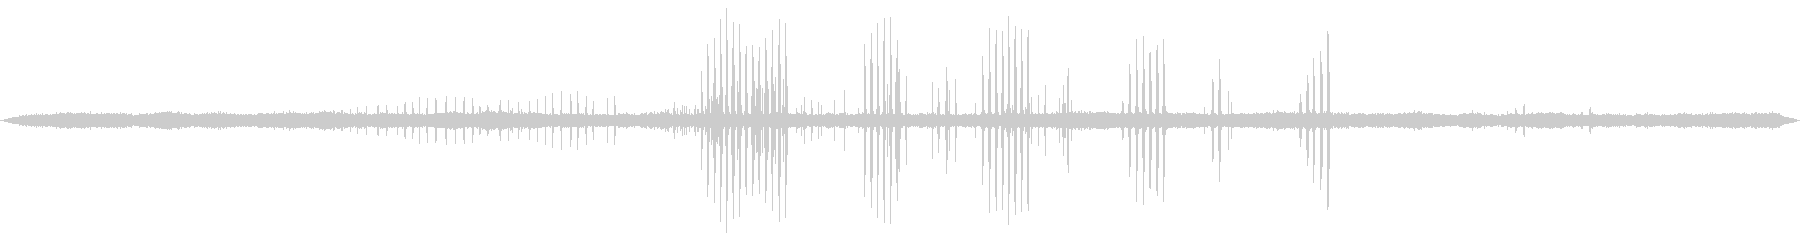 環境音 リバーデイアイドルバードコ...の未再生の波形